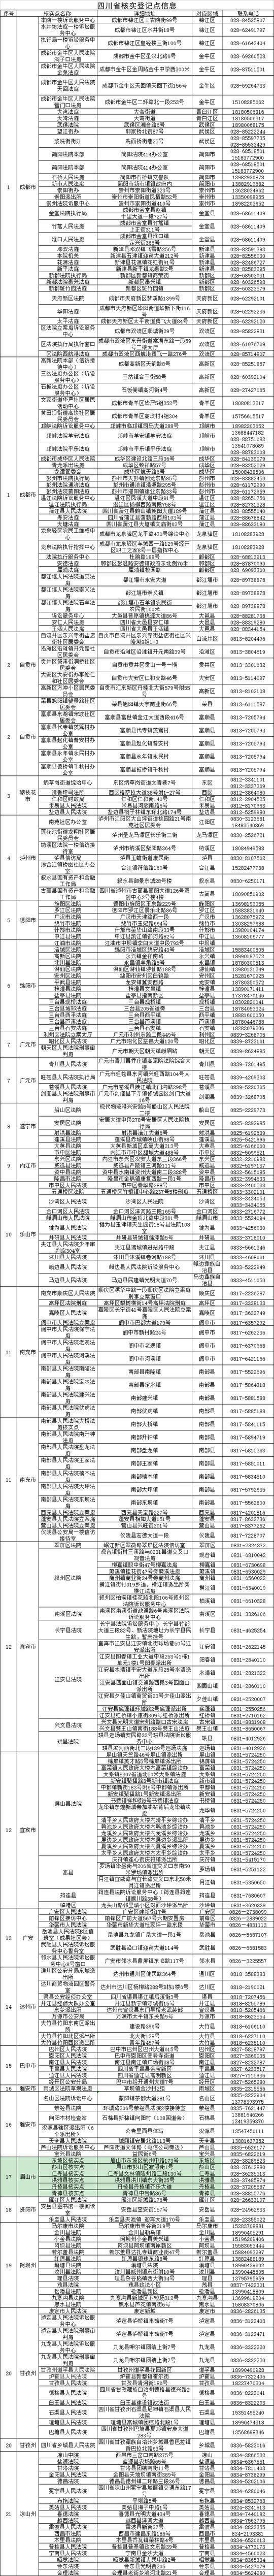 http://www.qwican.com/jiaoyuwenhua/1195833.html